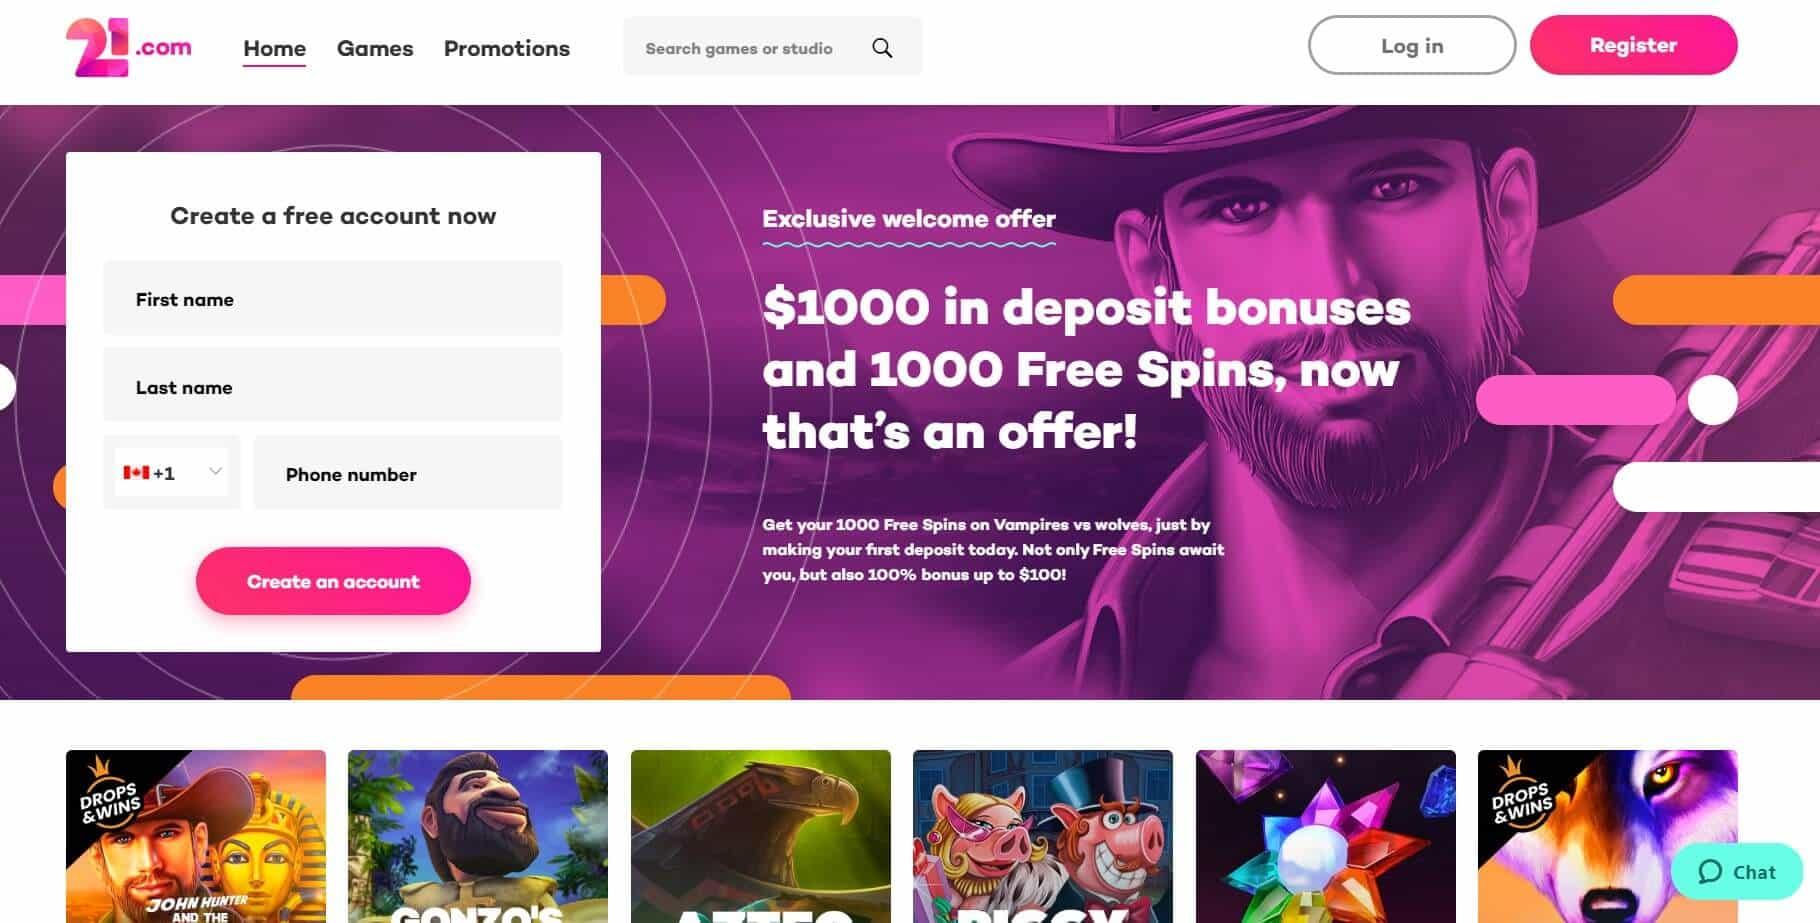 21. com Casino homepage